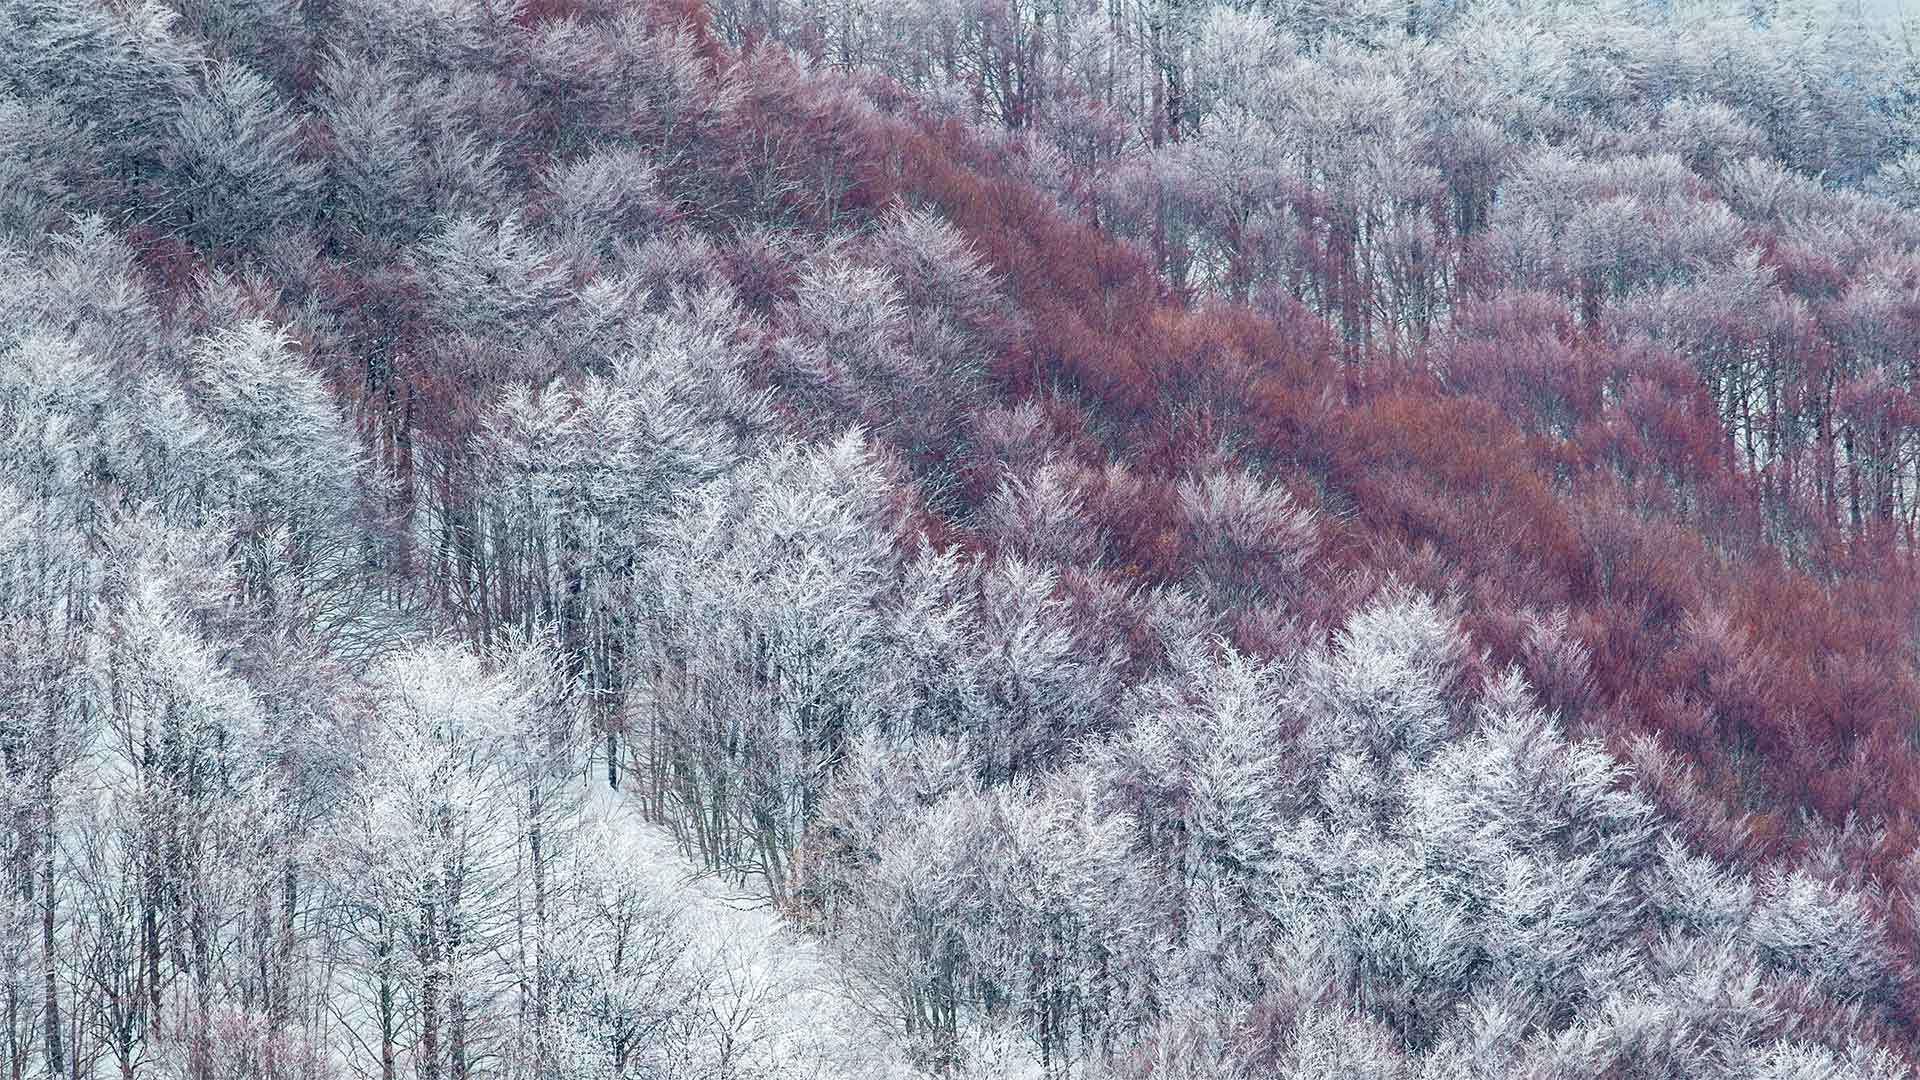 部分被雪覆盖的Val Cervara山坡上的老山毛榉林Val Cervara山坡